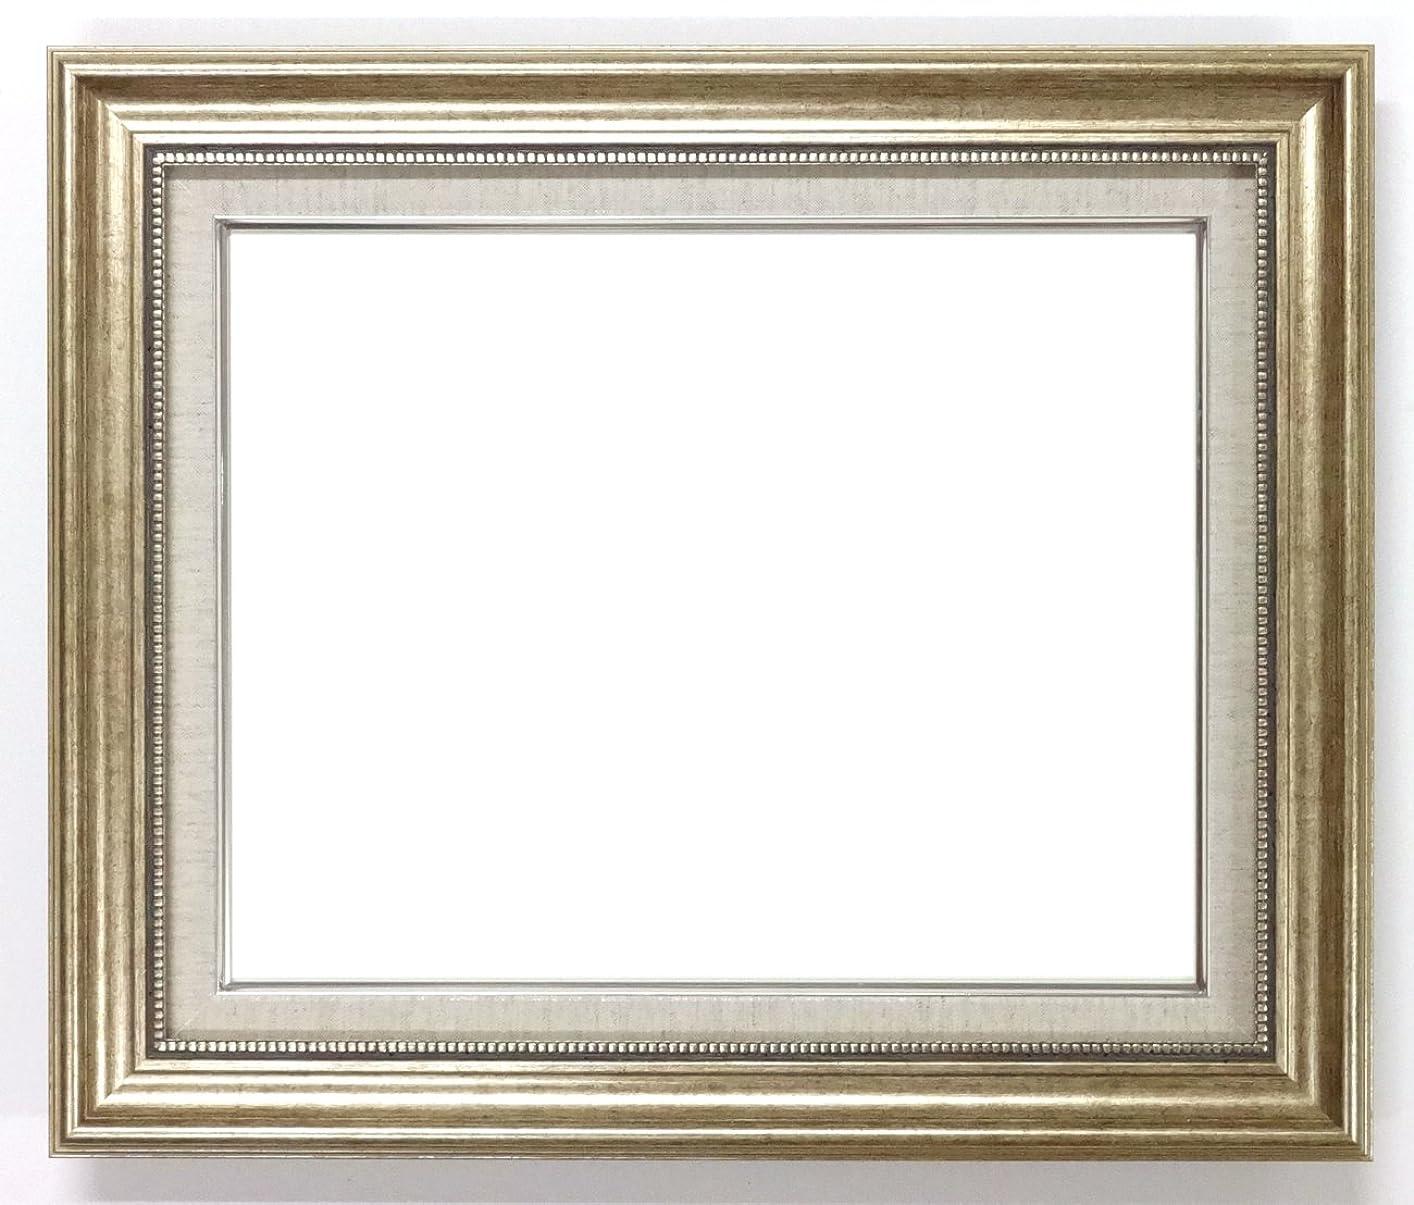 カウンタテクニカル絶対の大額 油彩用額縁 8111 アクリル仕様 壁用フック付 (F6, シルバー)